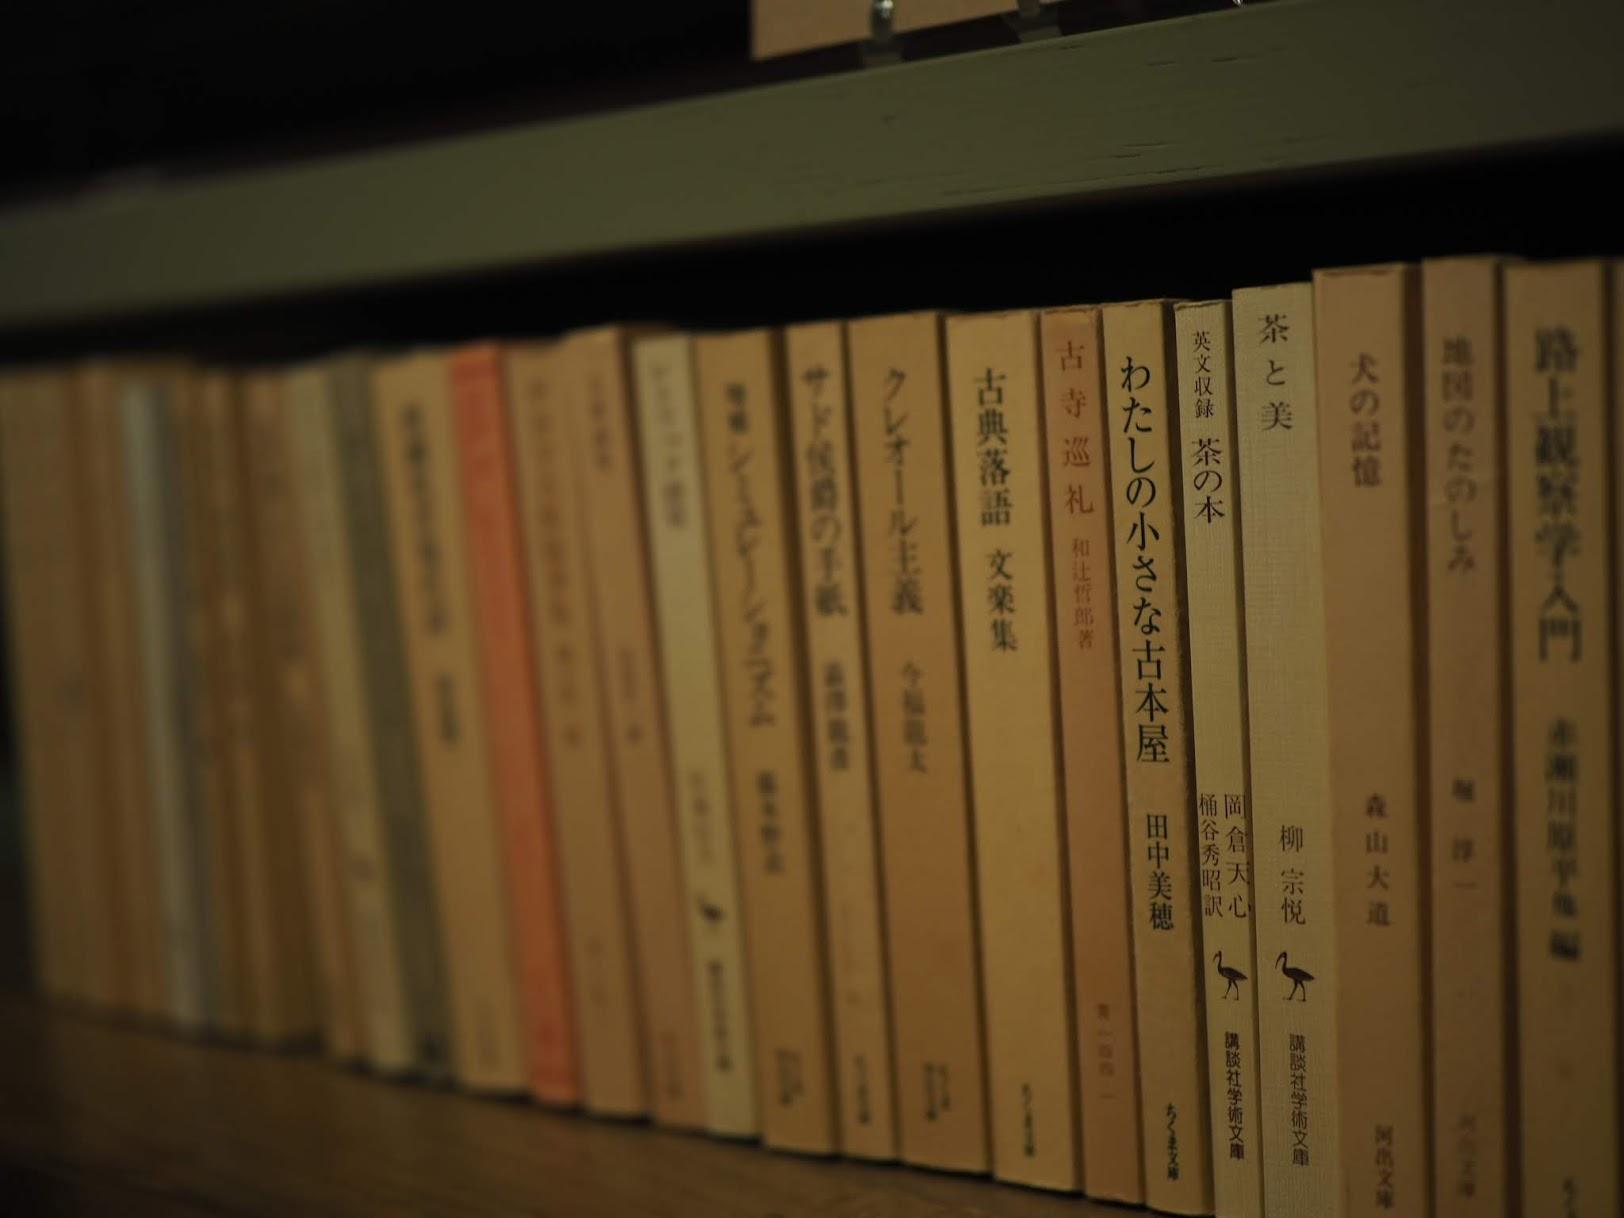 本が多くある